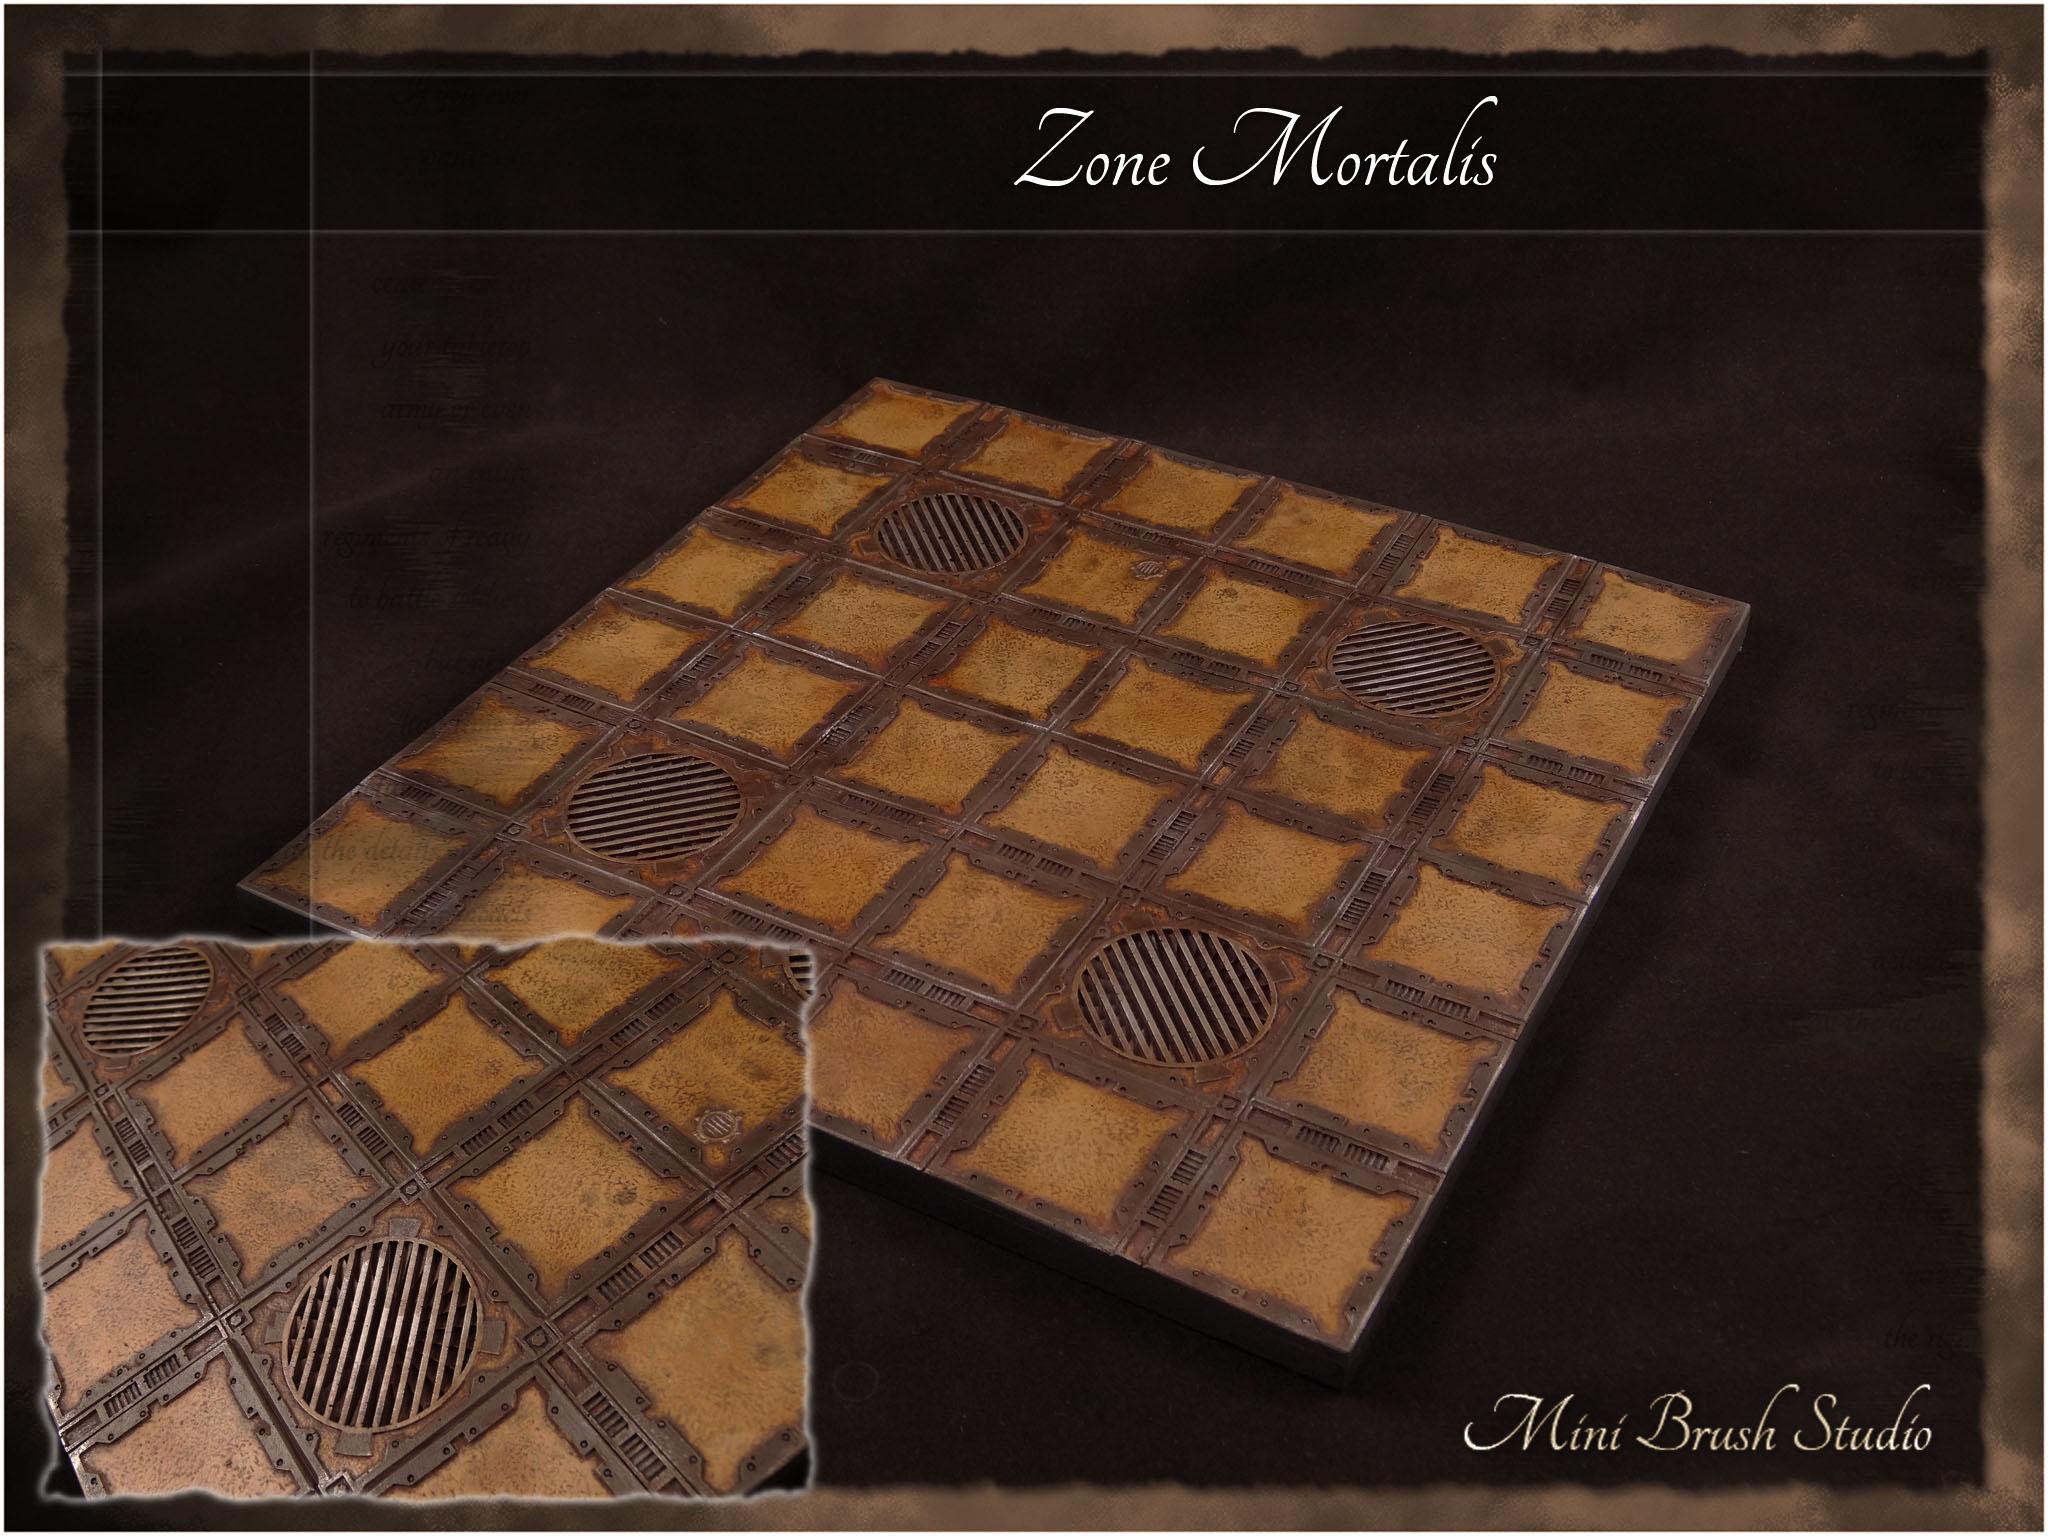 Zone Mortalis 1j v7.jpg